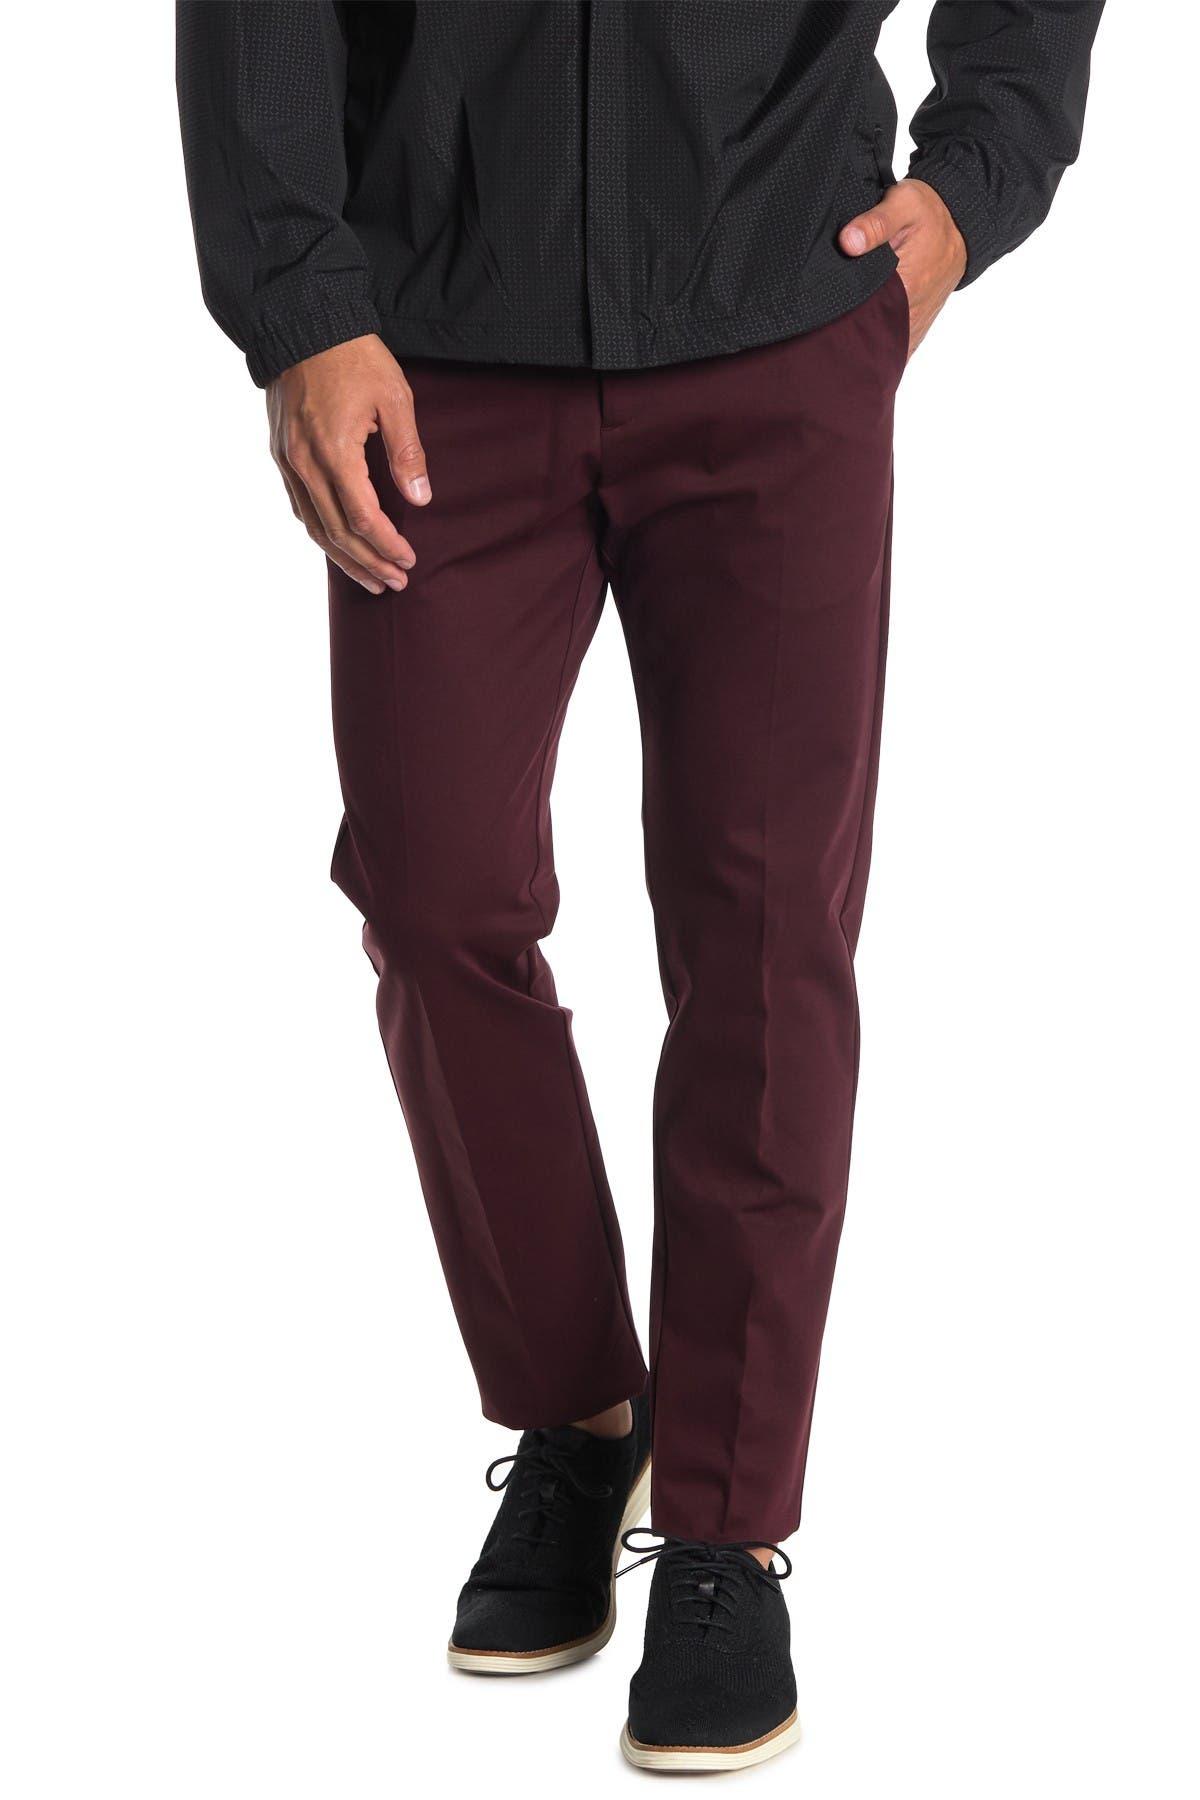 Image of Theory Semi Tech Straight Leg Pants